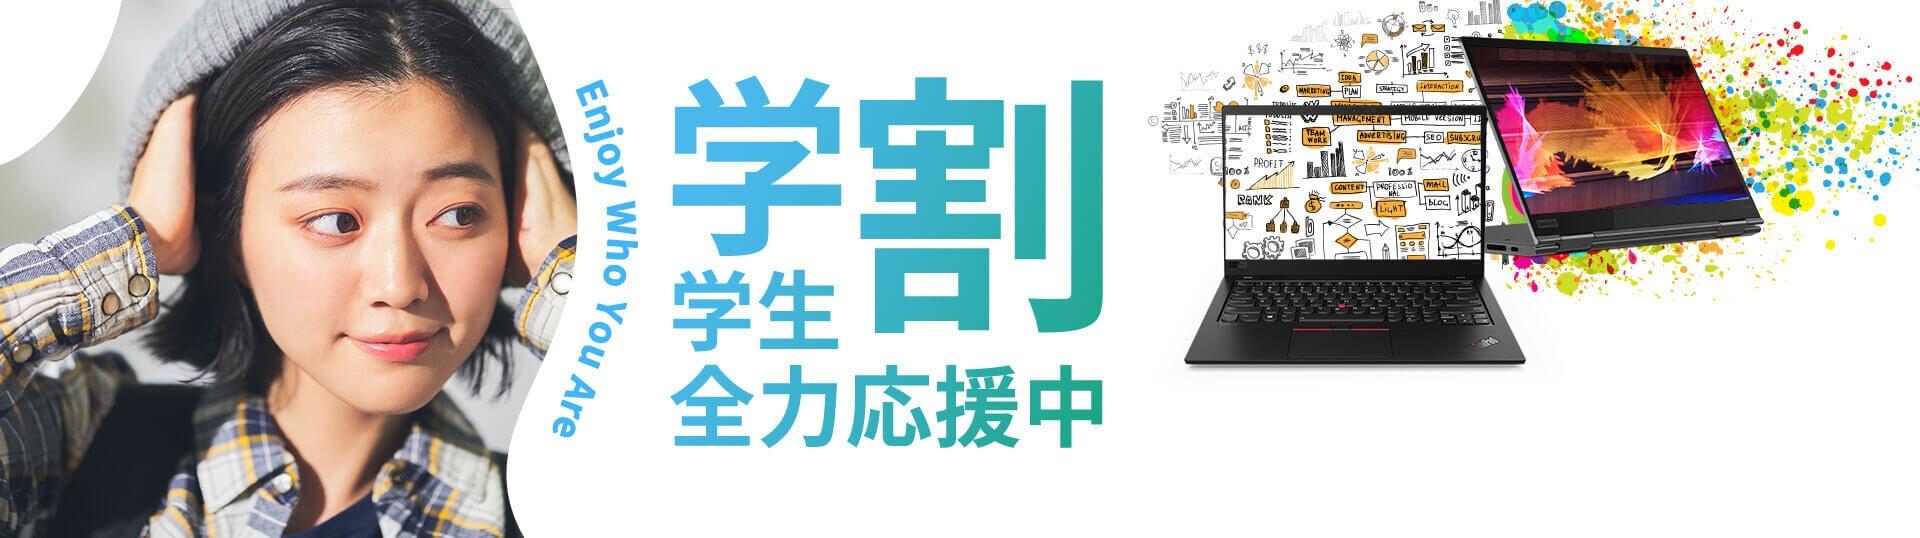 lenovo-jp-edu-hero-banner-v2-1920x538-v3-0115.jpg